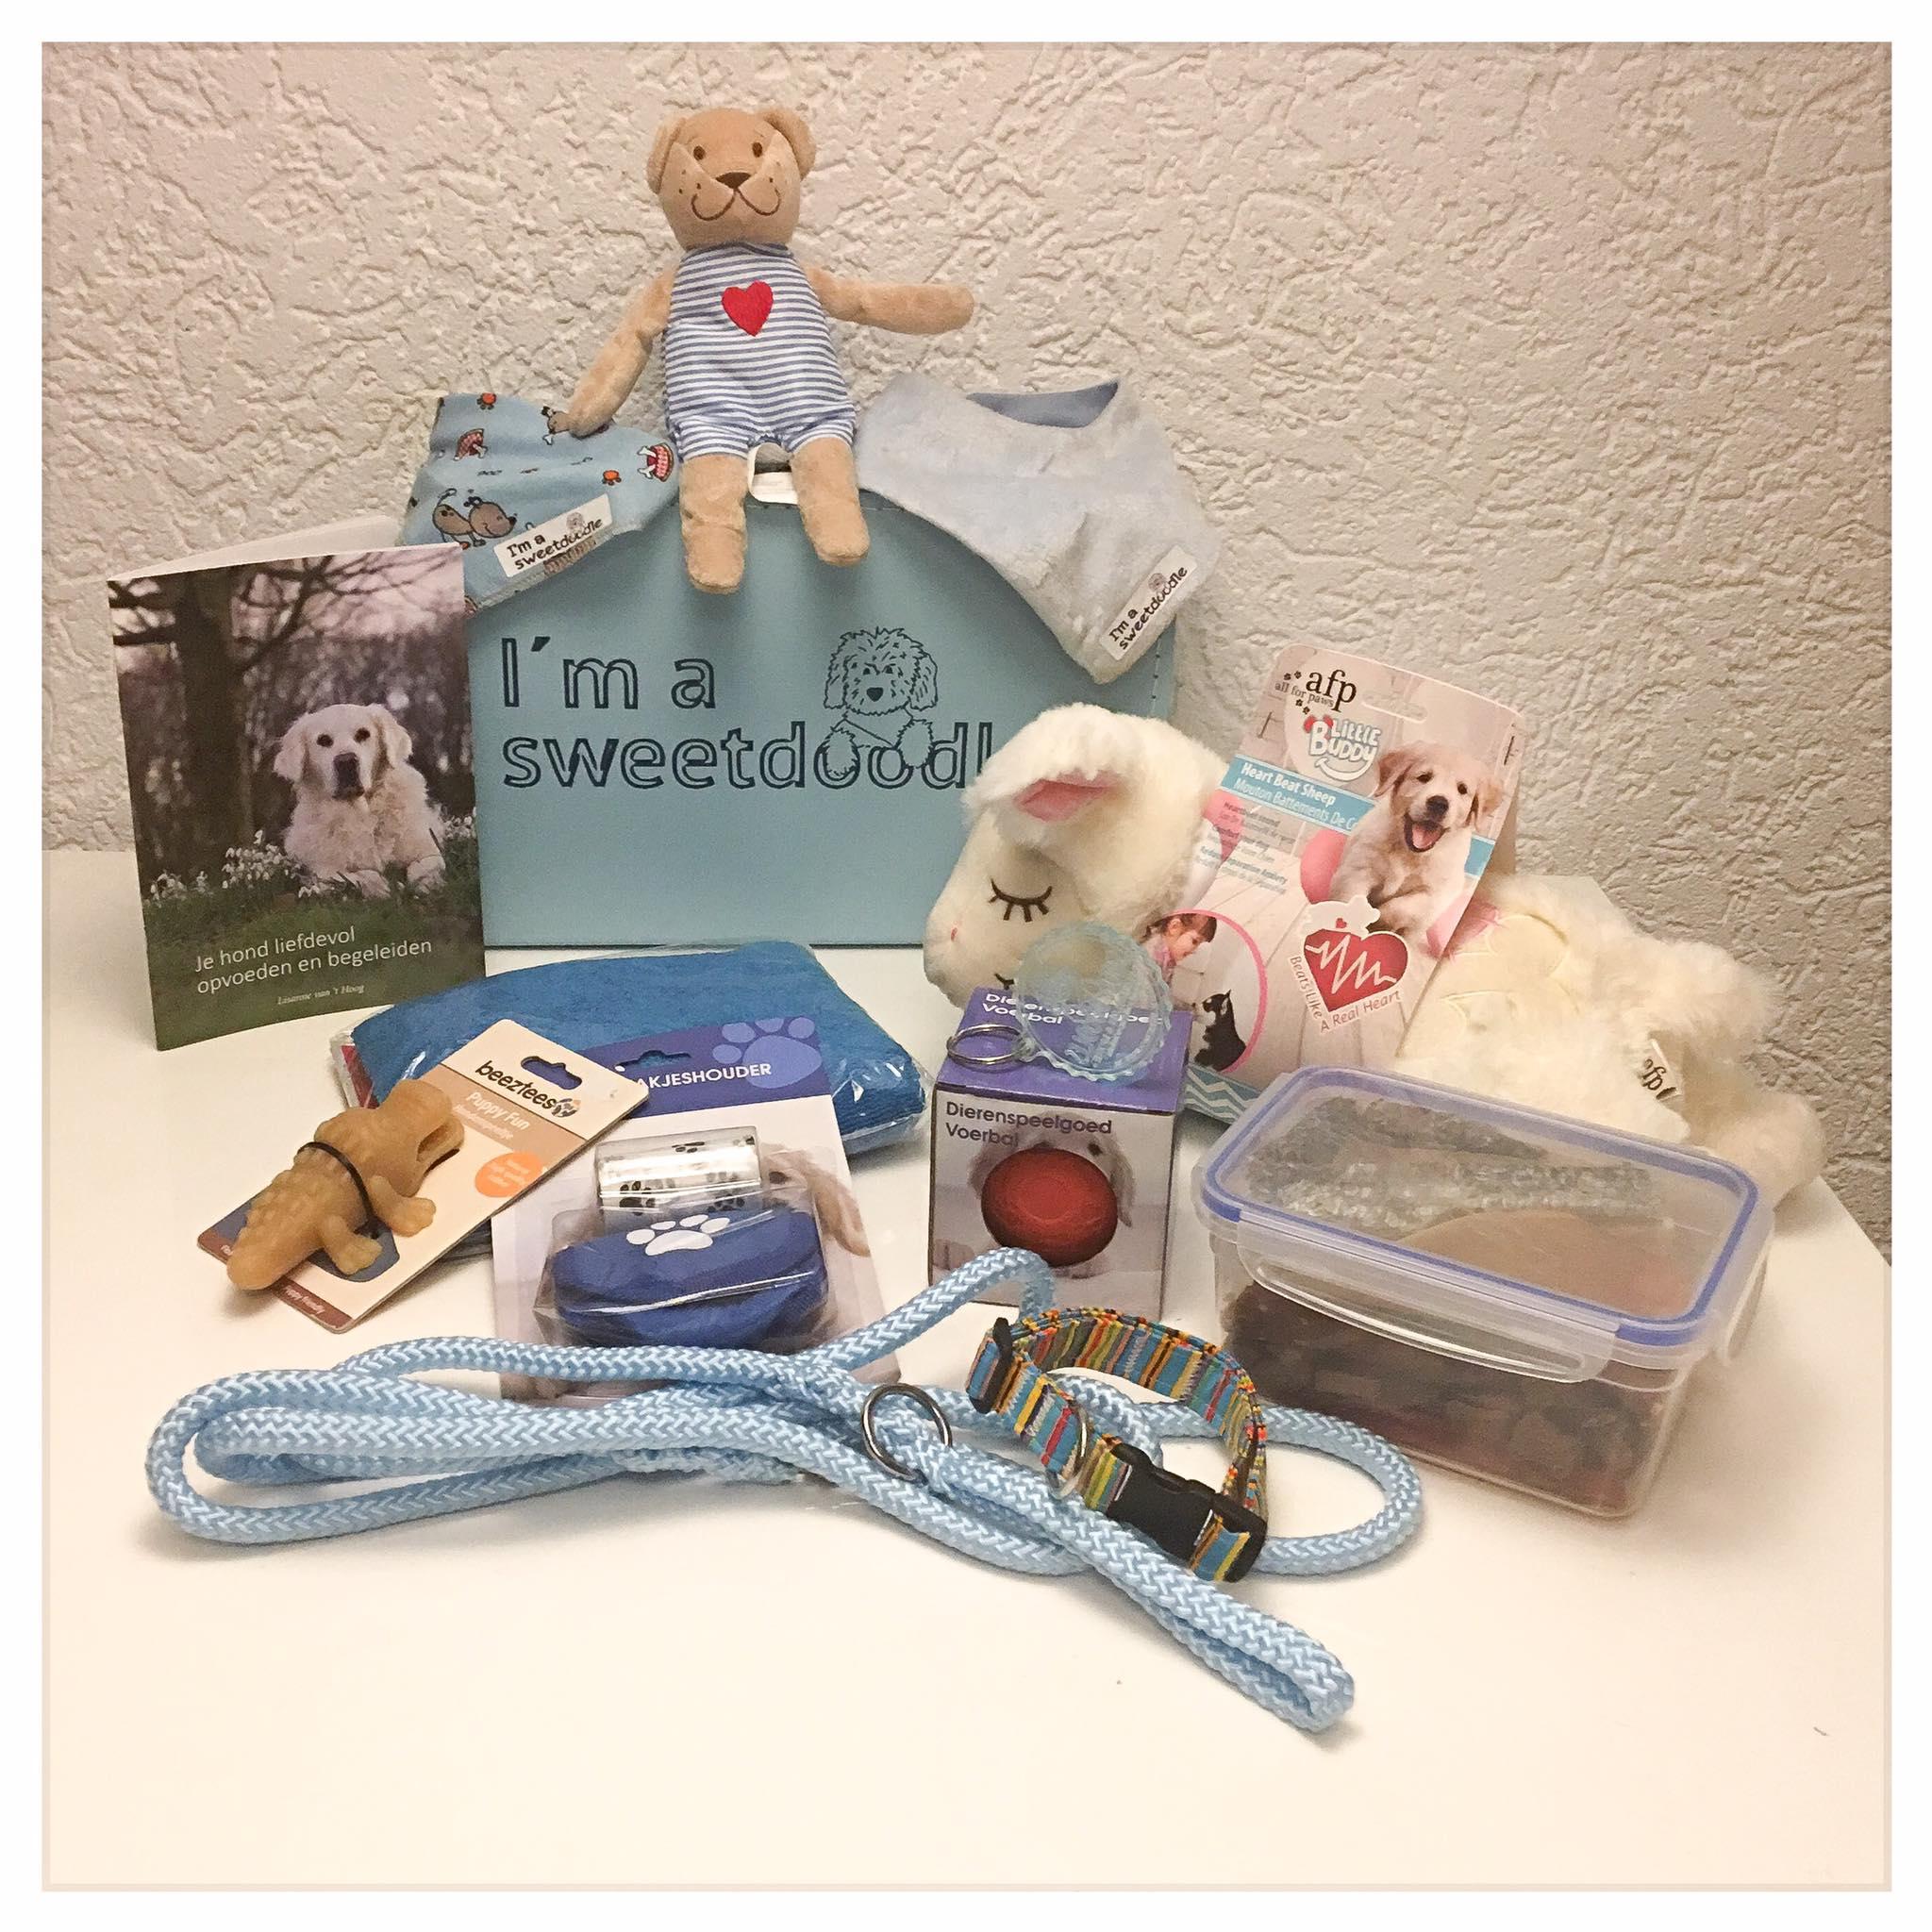 Beste boek opvoeding honden opvoedboek puppy handleiding puppypakket turid rugaas